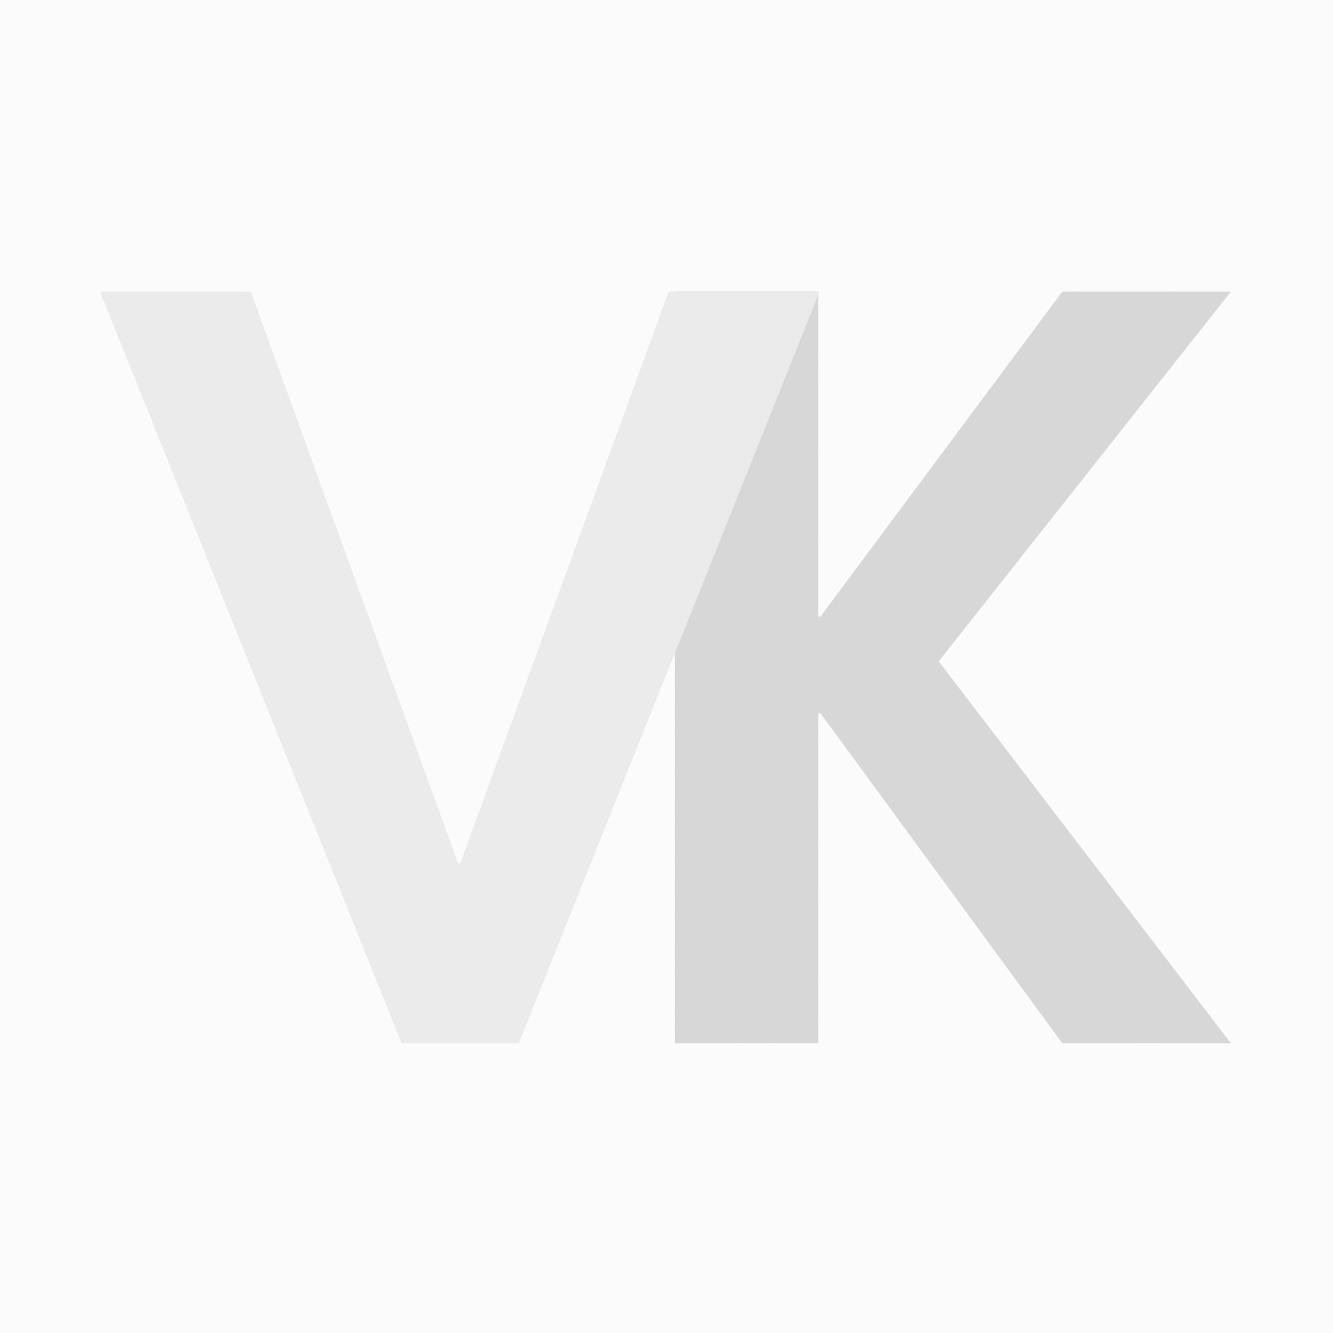 Kyone 780 Kappersschaar 5.5